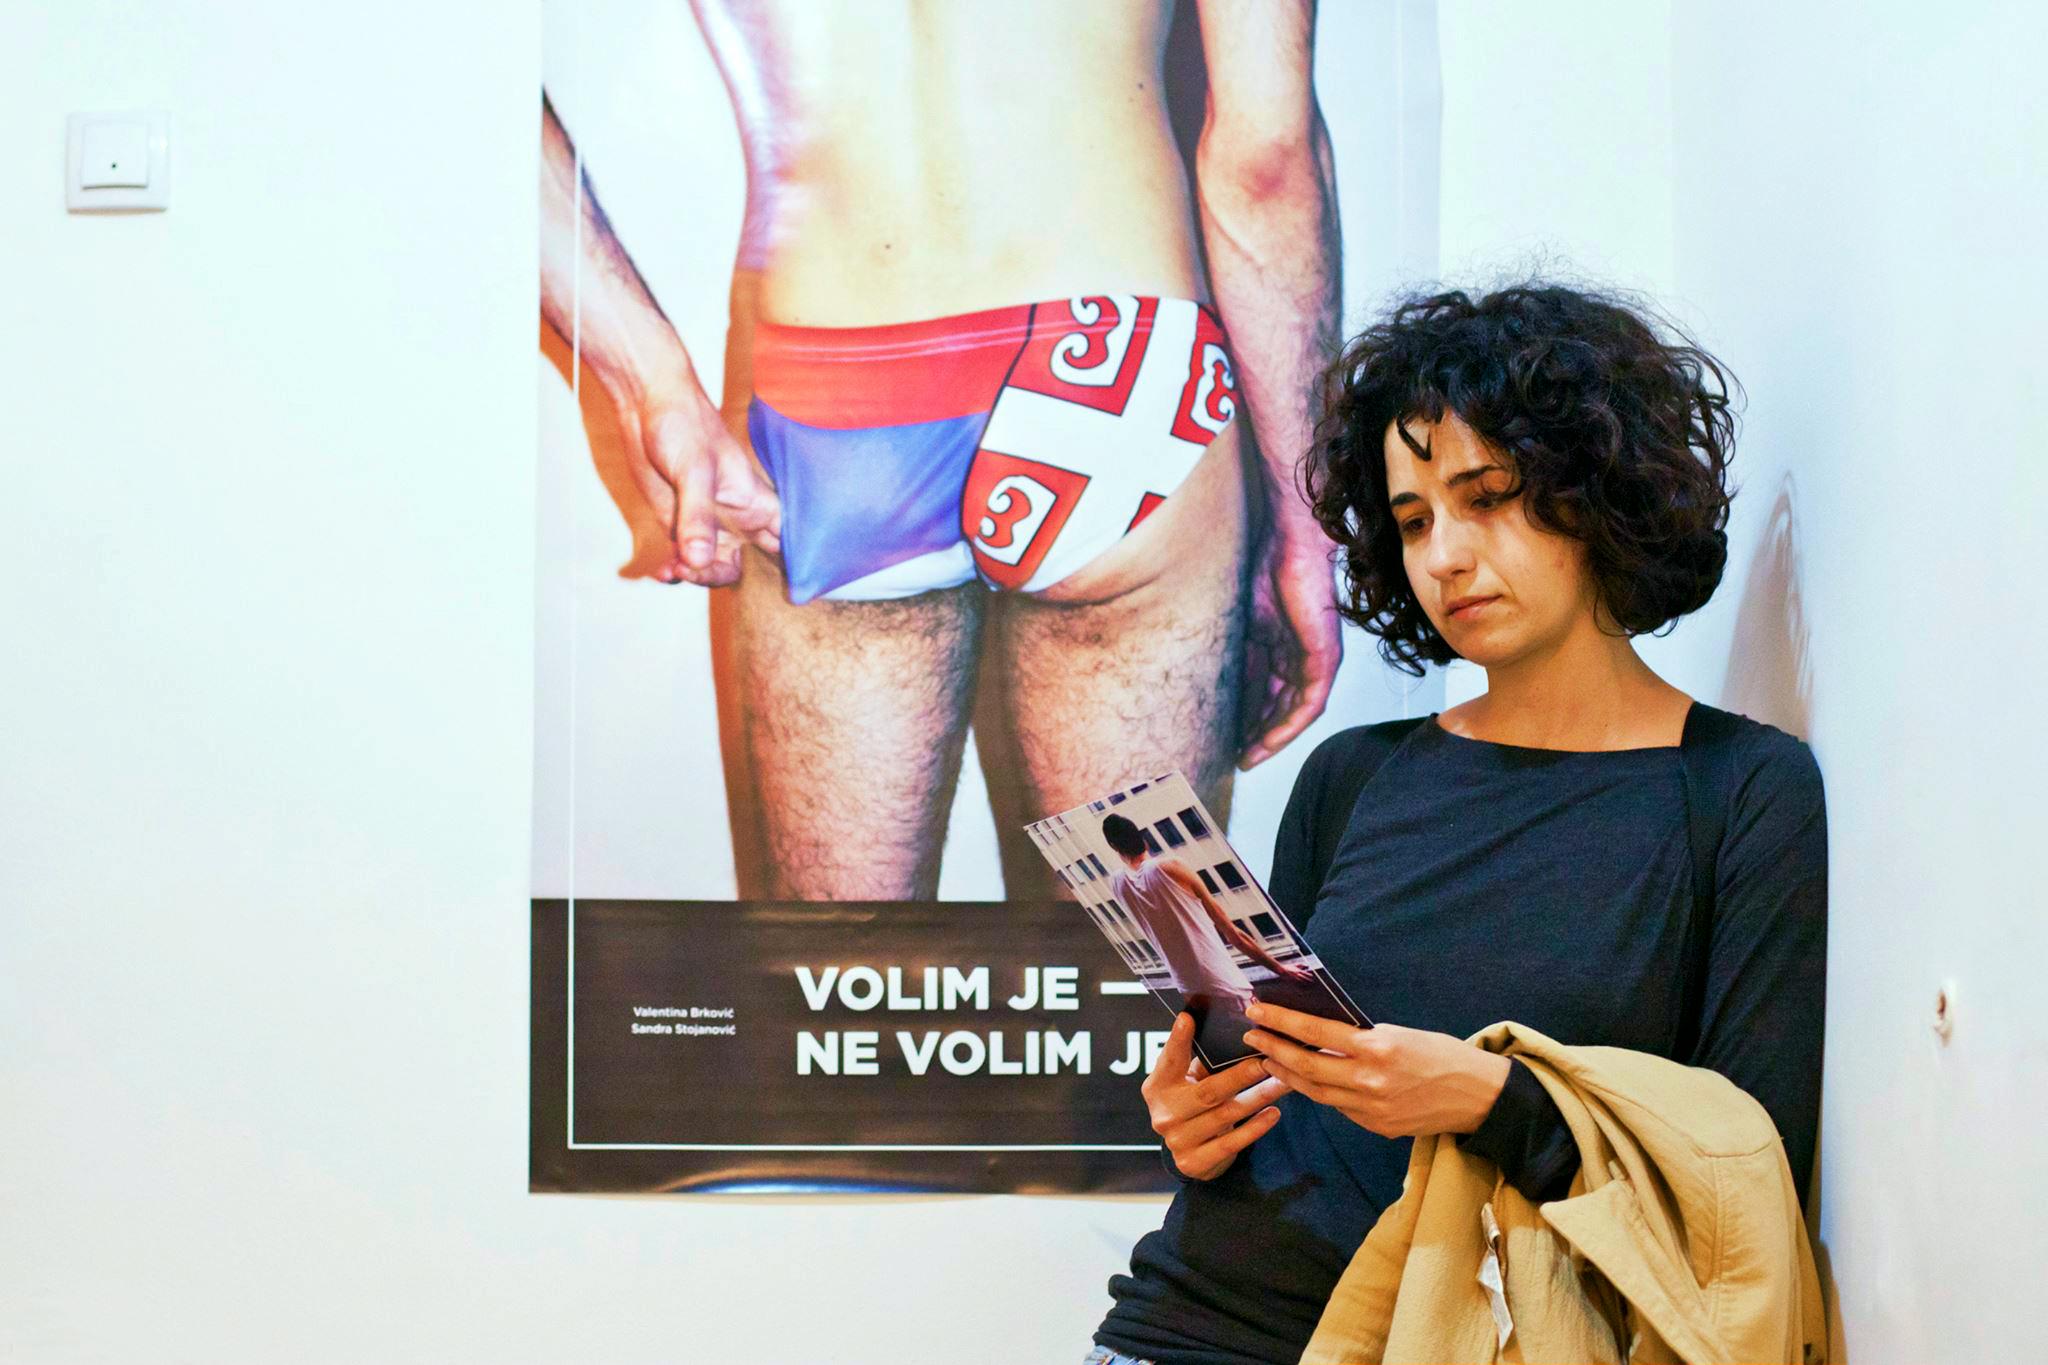 современное искусство галереи выставки белград сербия